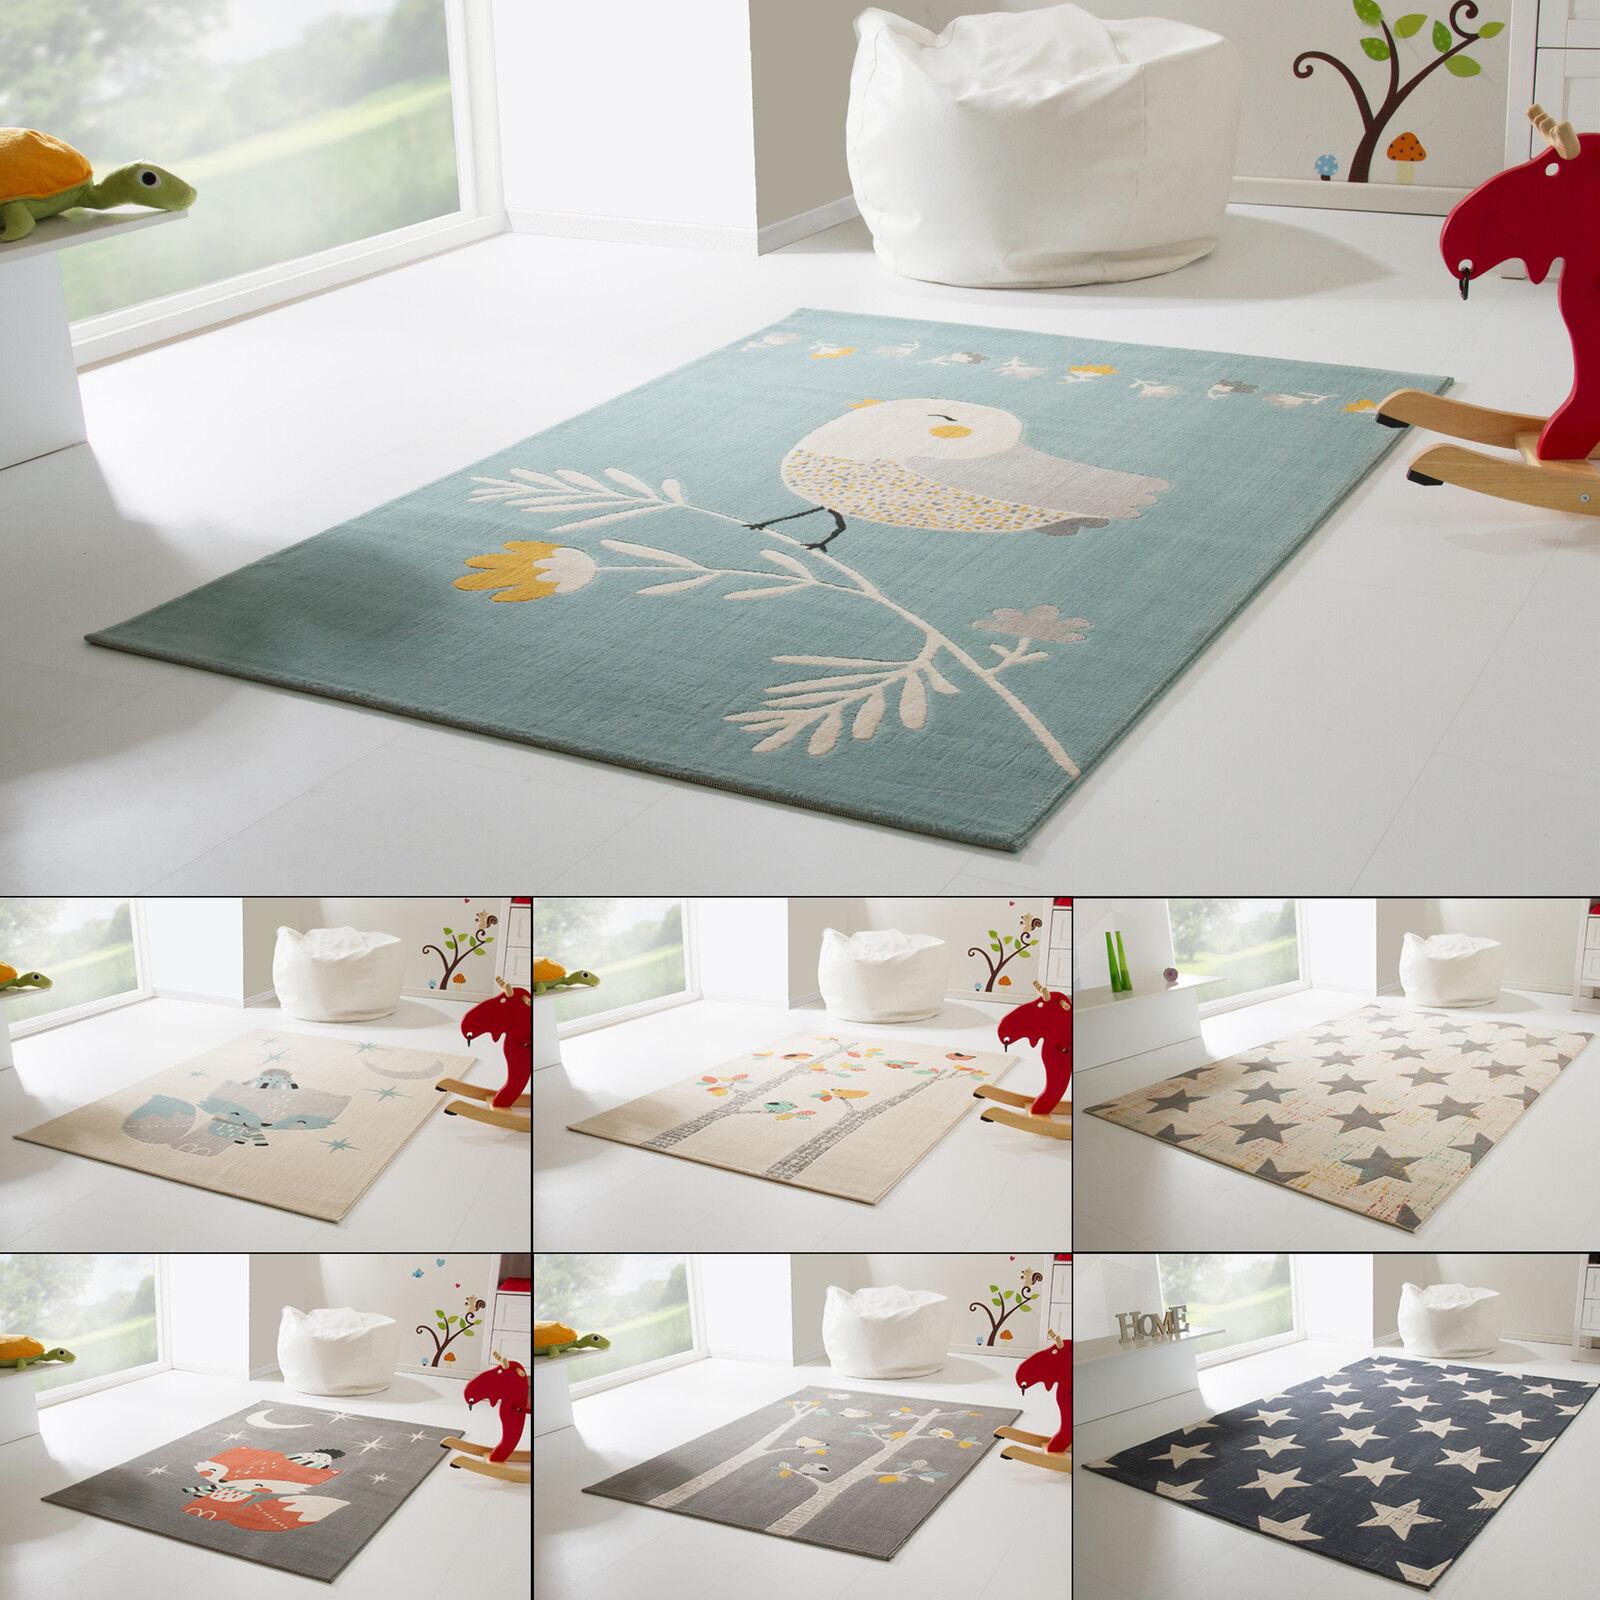 Kinderteppich Samui Spielteppich für Mädchen und Jungen Fuchs Vögel Spatz Sterne